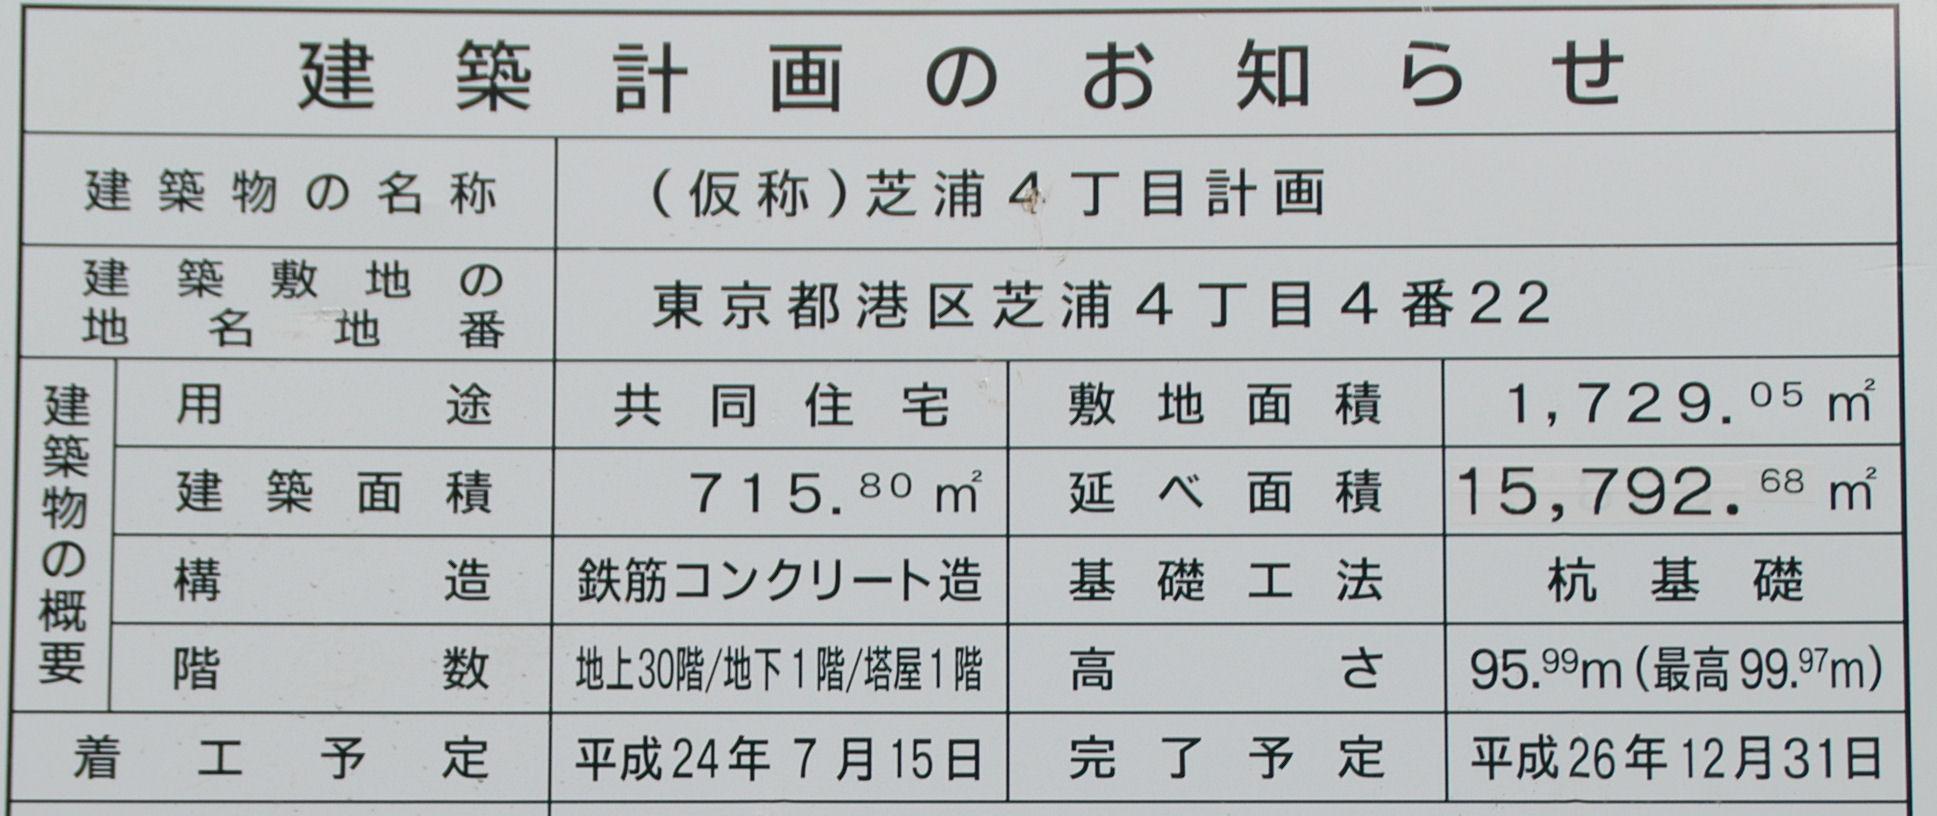 shiba4p0188e.jpg